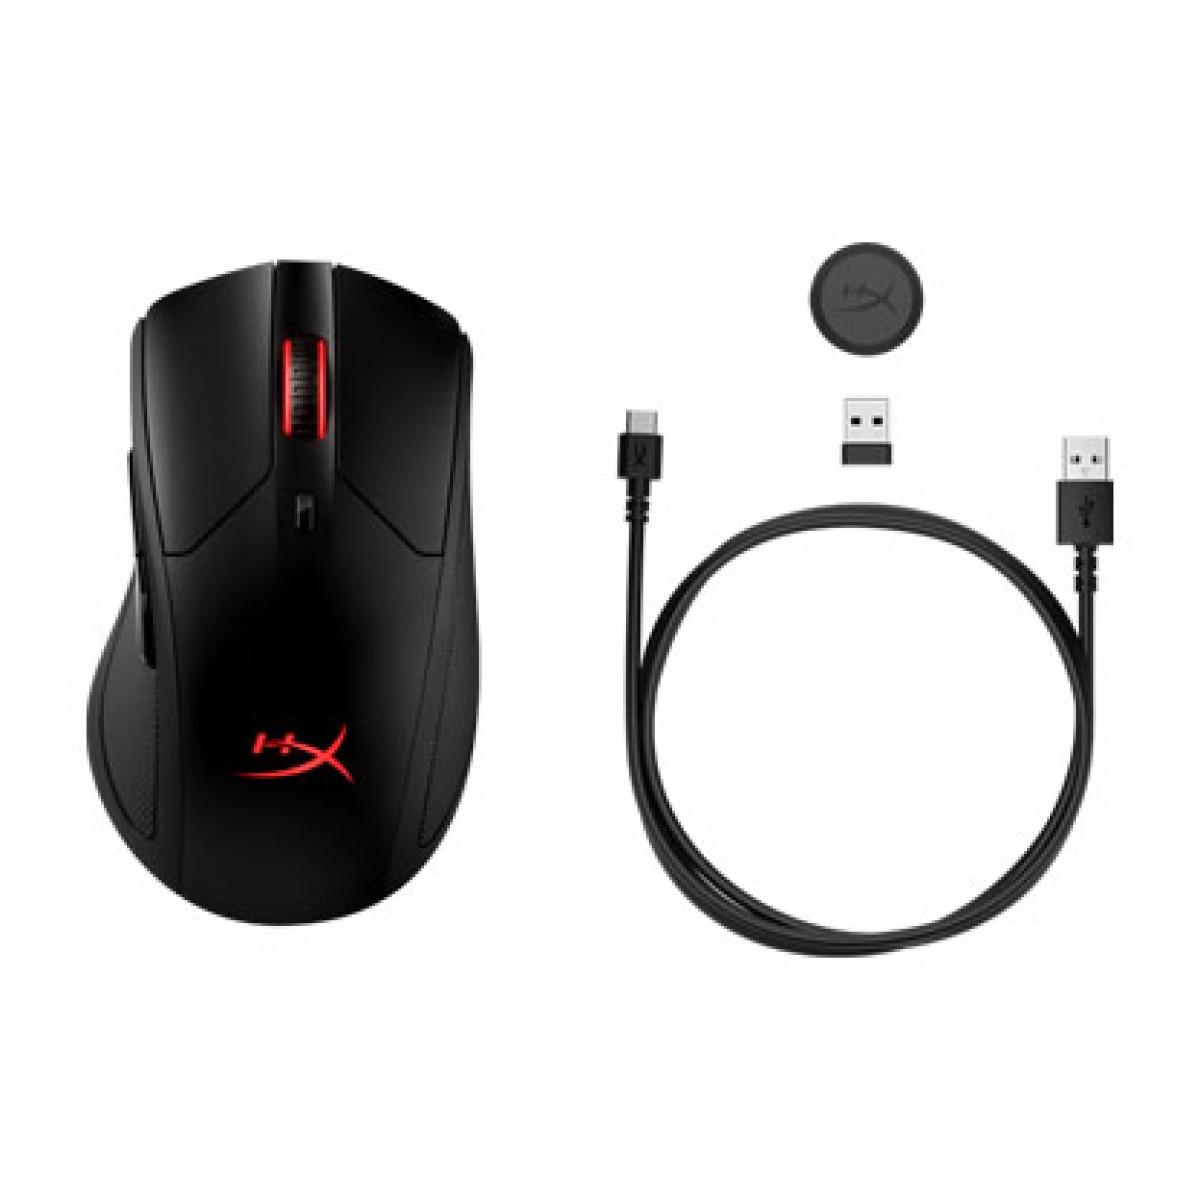 Mouse Gamer HyperX Pulsefire Dart Sem fio, 16000 DPI, 6 botões programáveis, USB, Black